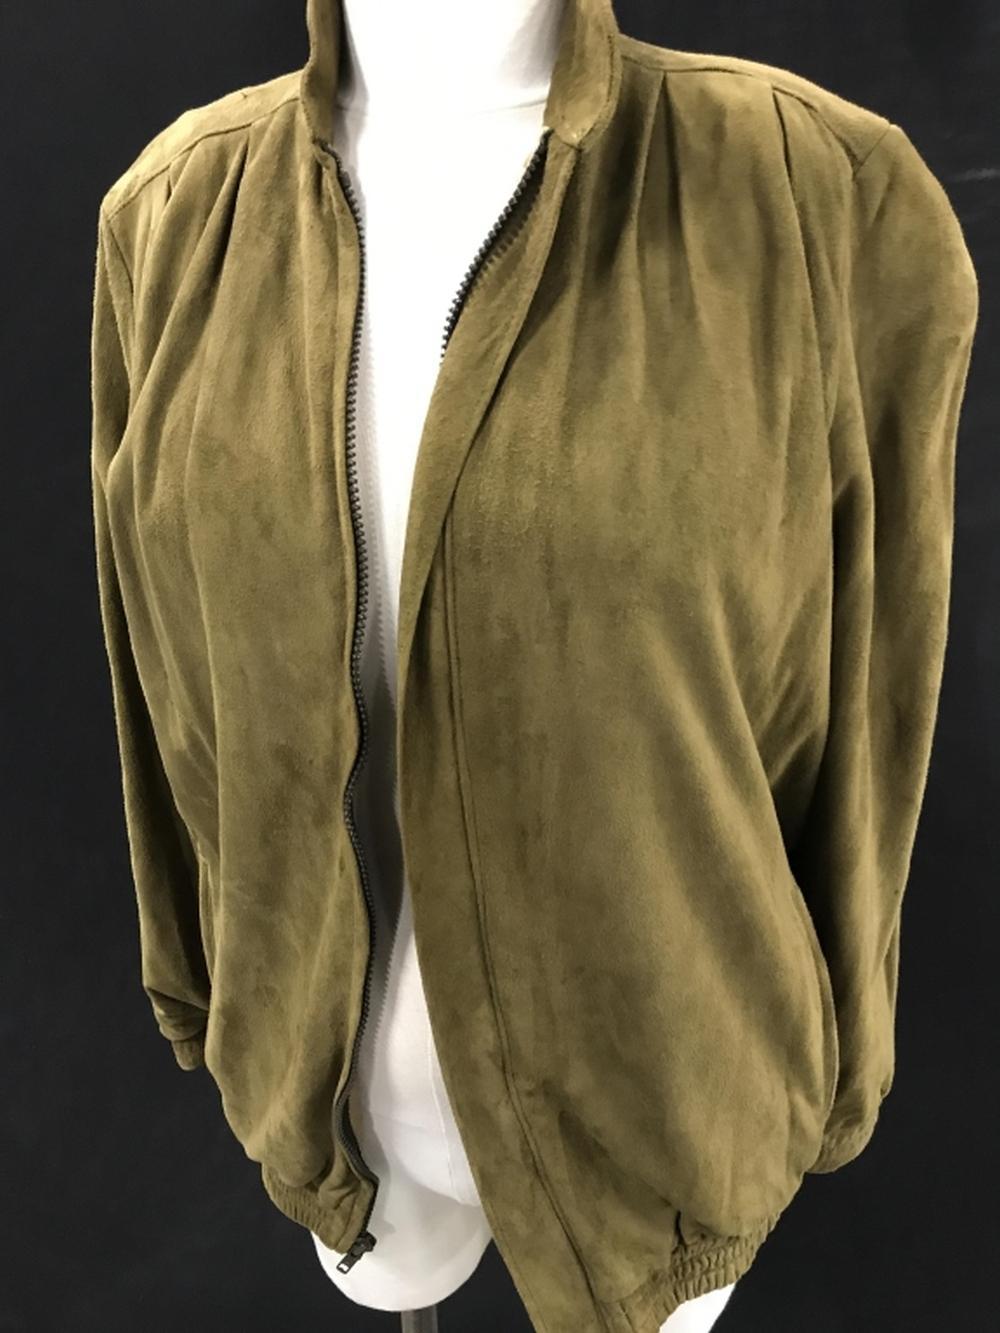 Vintage LIZ ROBERTS ROBERT ELLIOT Suede Zip Jacket